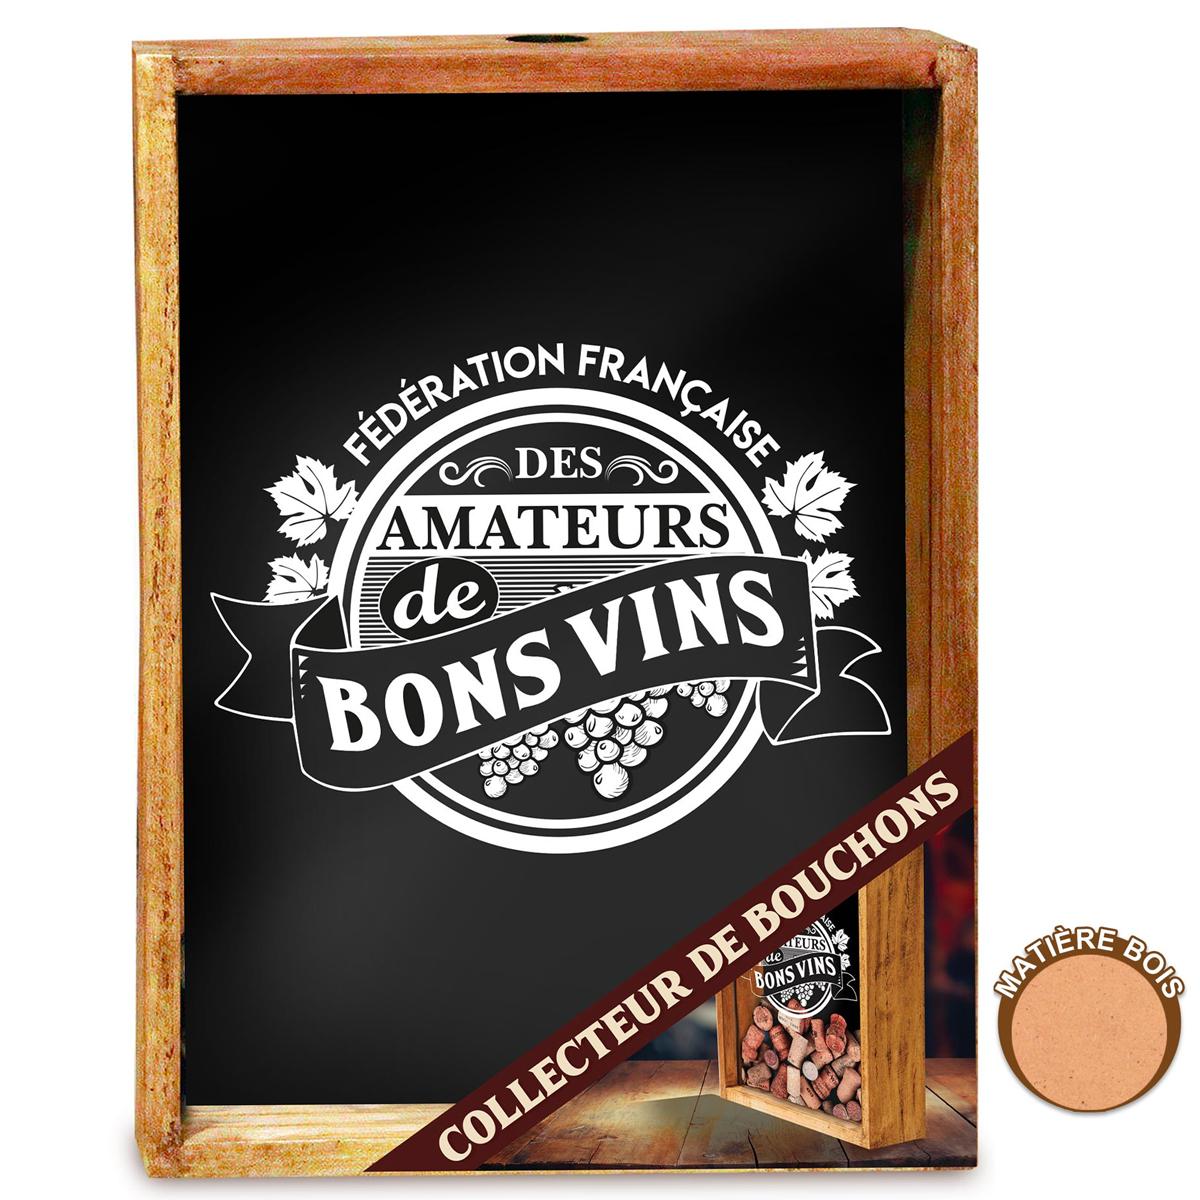 Collecteur Bouchons de vins \'FF Amateurs de Bons Vins\' (bois) - 25x19x8 cm - [A2015]